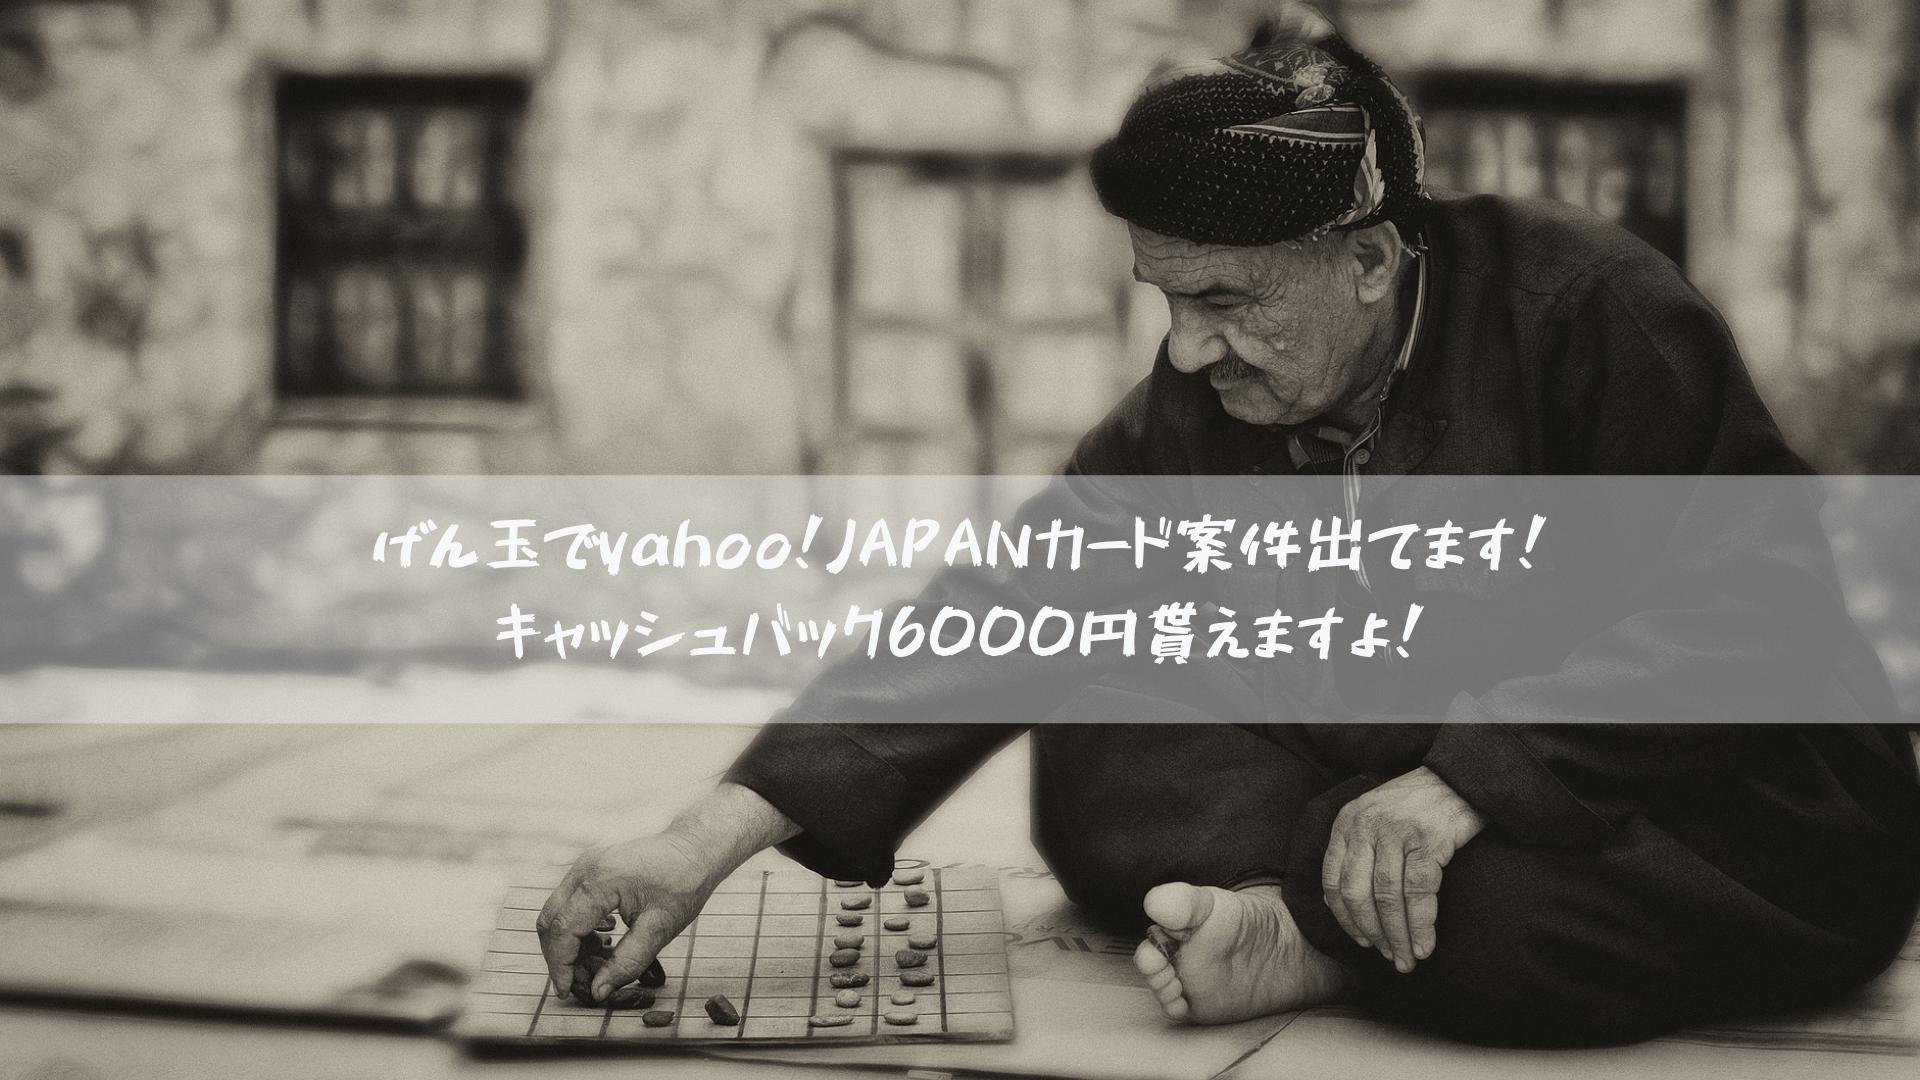 げん玉でyahoo!JAPANカード案件出てます!キャッシュバック6000円貰えますよ!